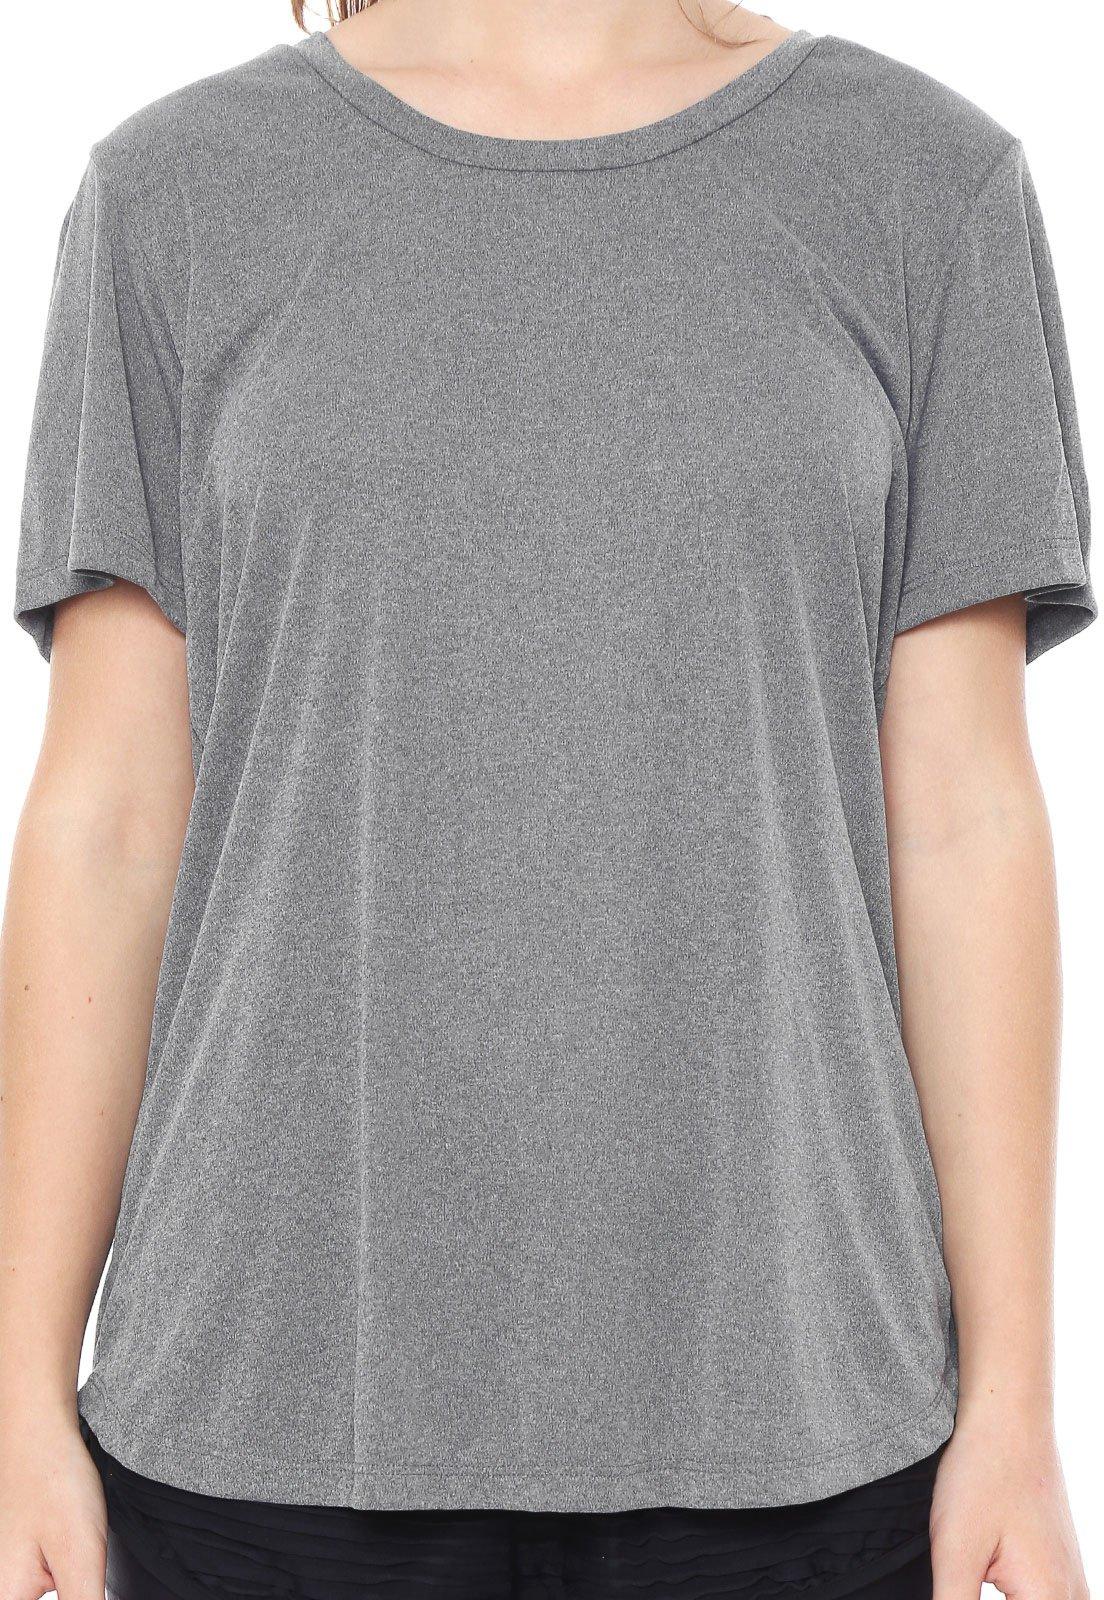 Camiseta Alto Giro Recorte Tule Cinza/Preta - Compre Agora